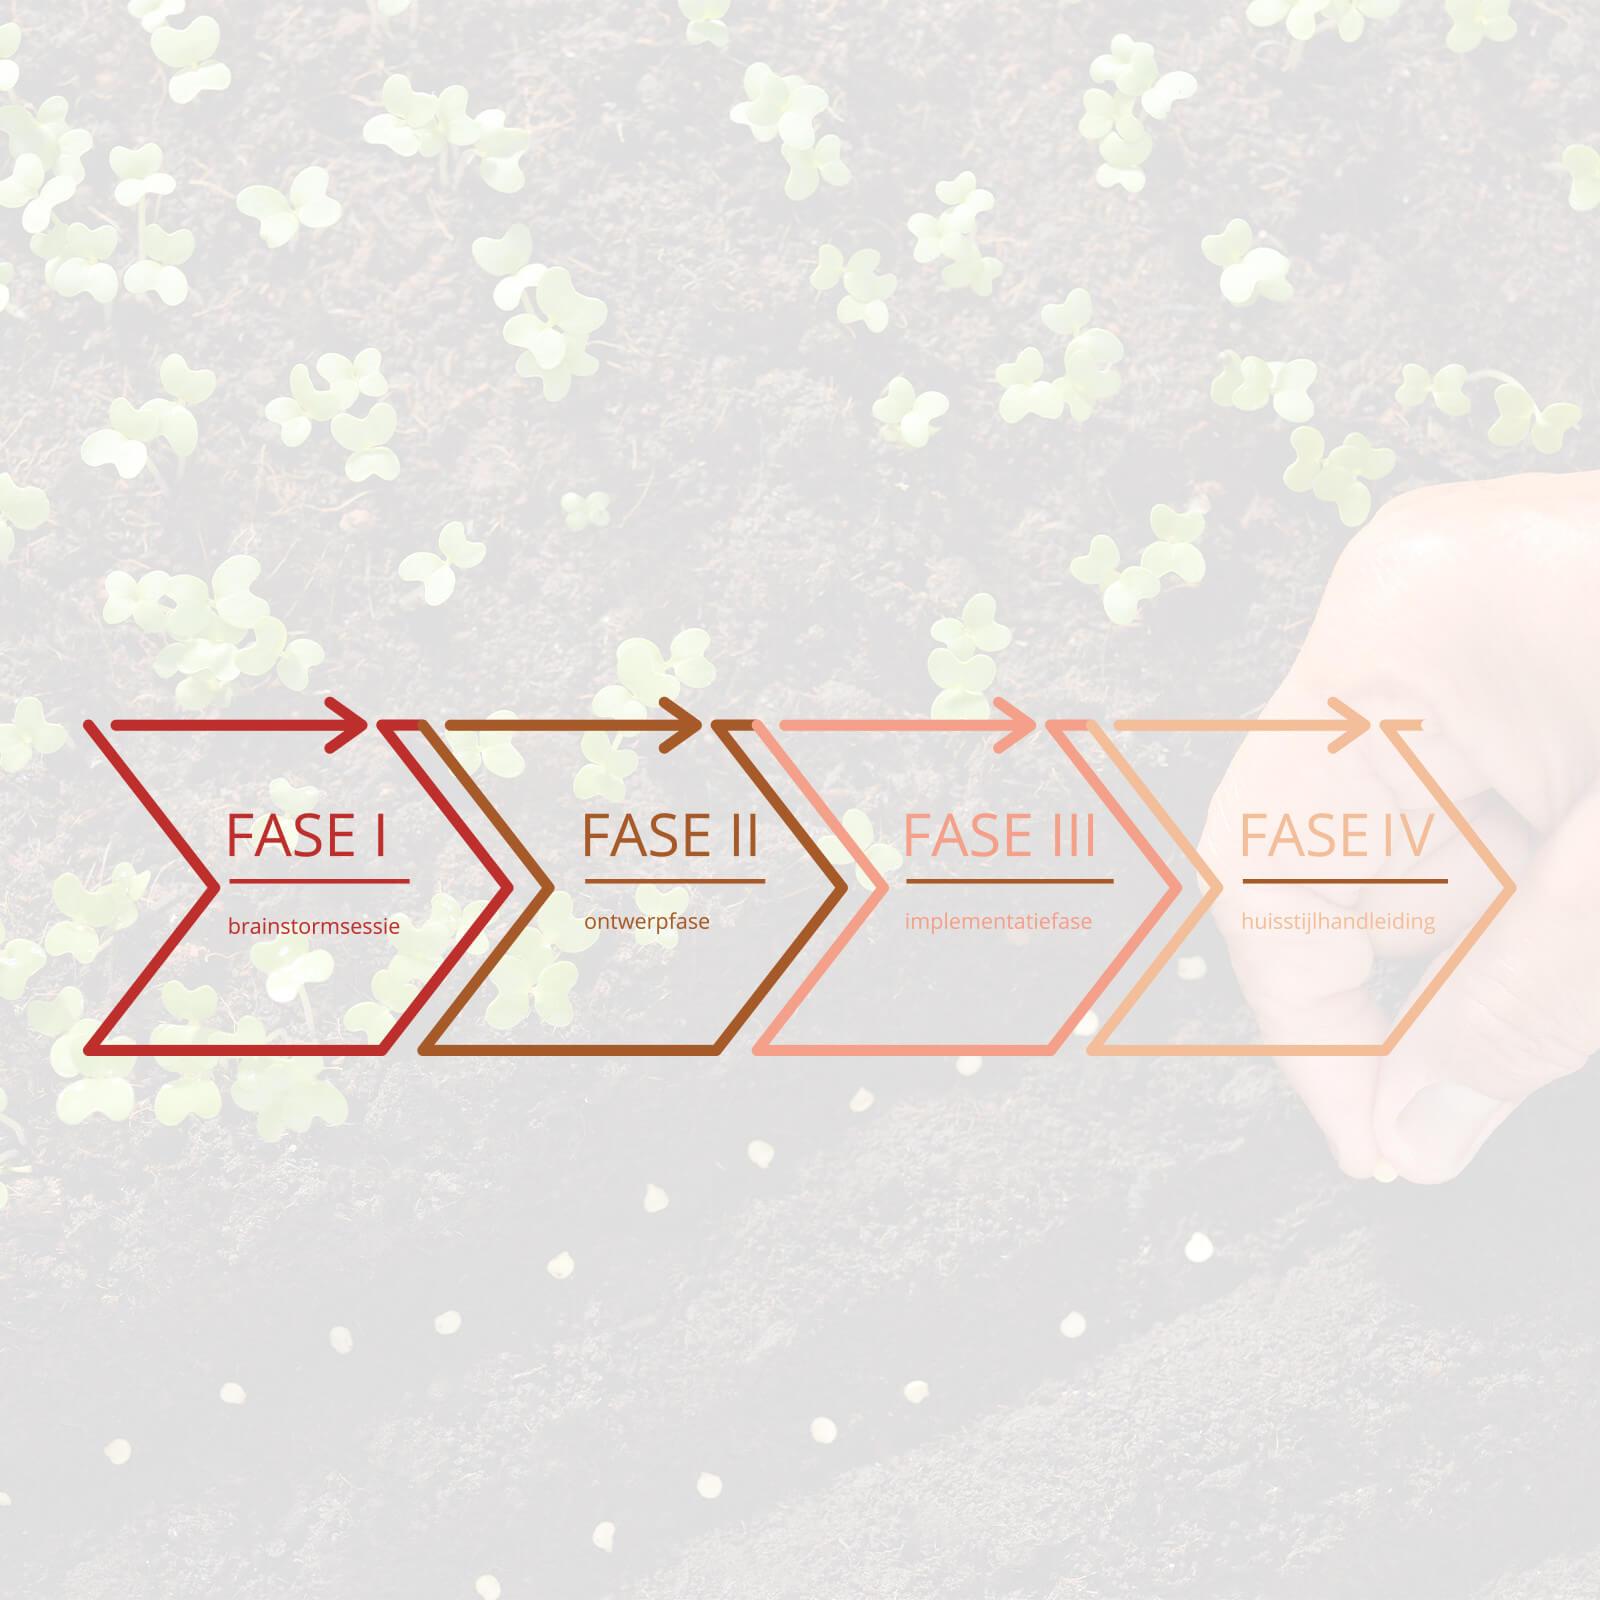 grafischontwerpzaak-werkwijze-fases-structuur-huisstijl-logo